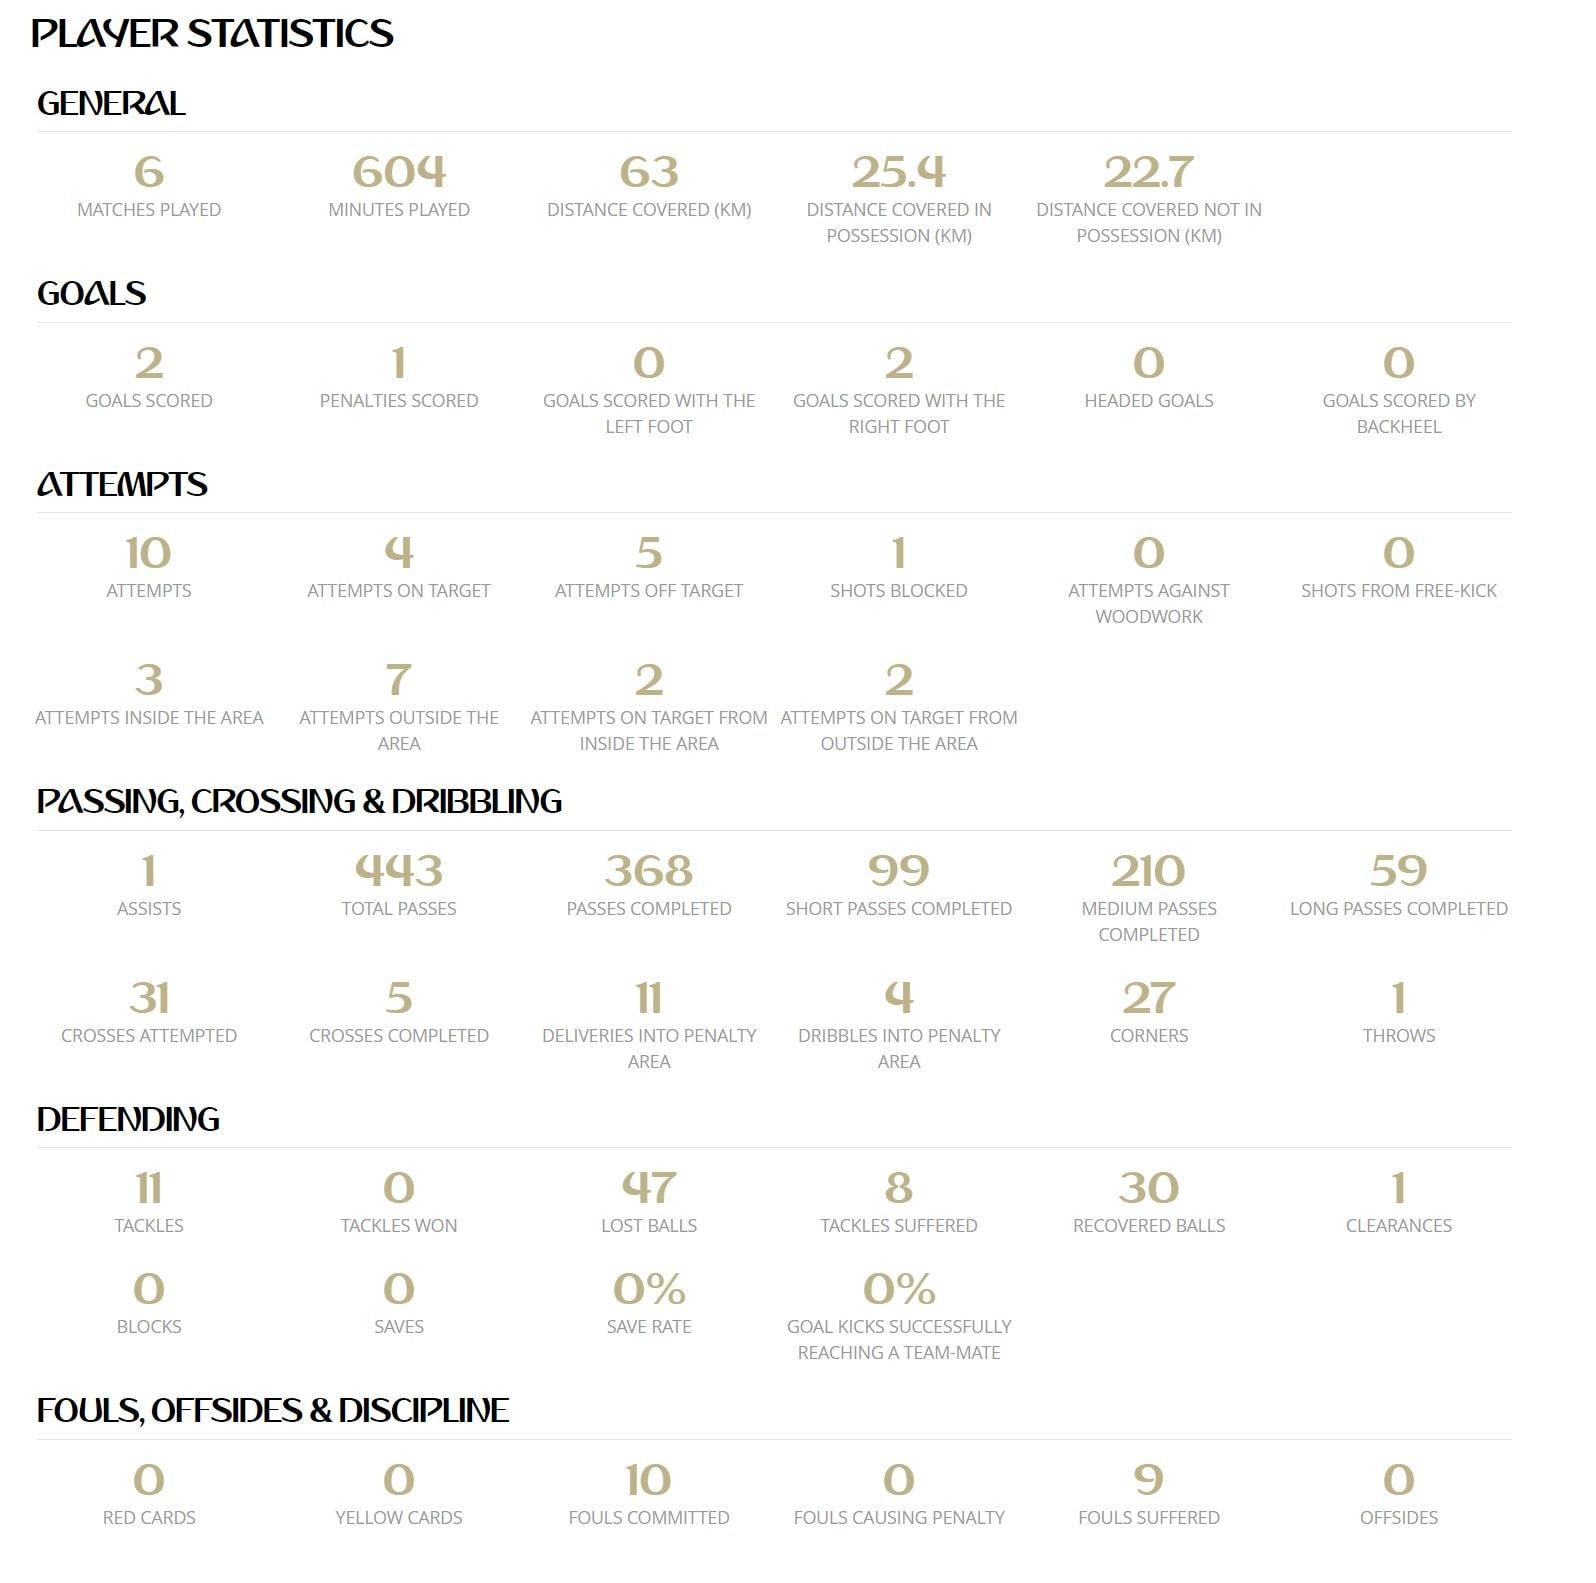 le statistiche del mondiale di Modric secondo Fifa.com